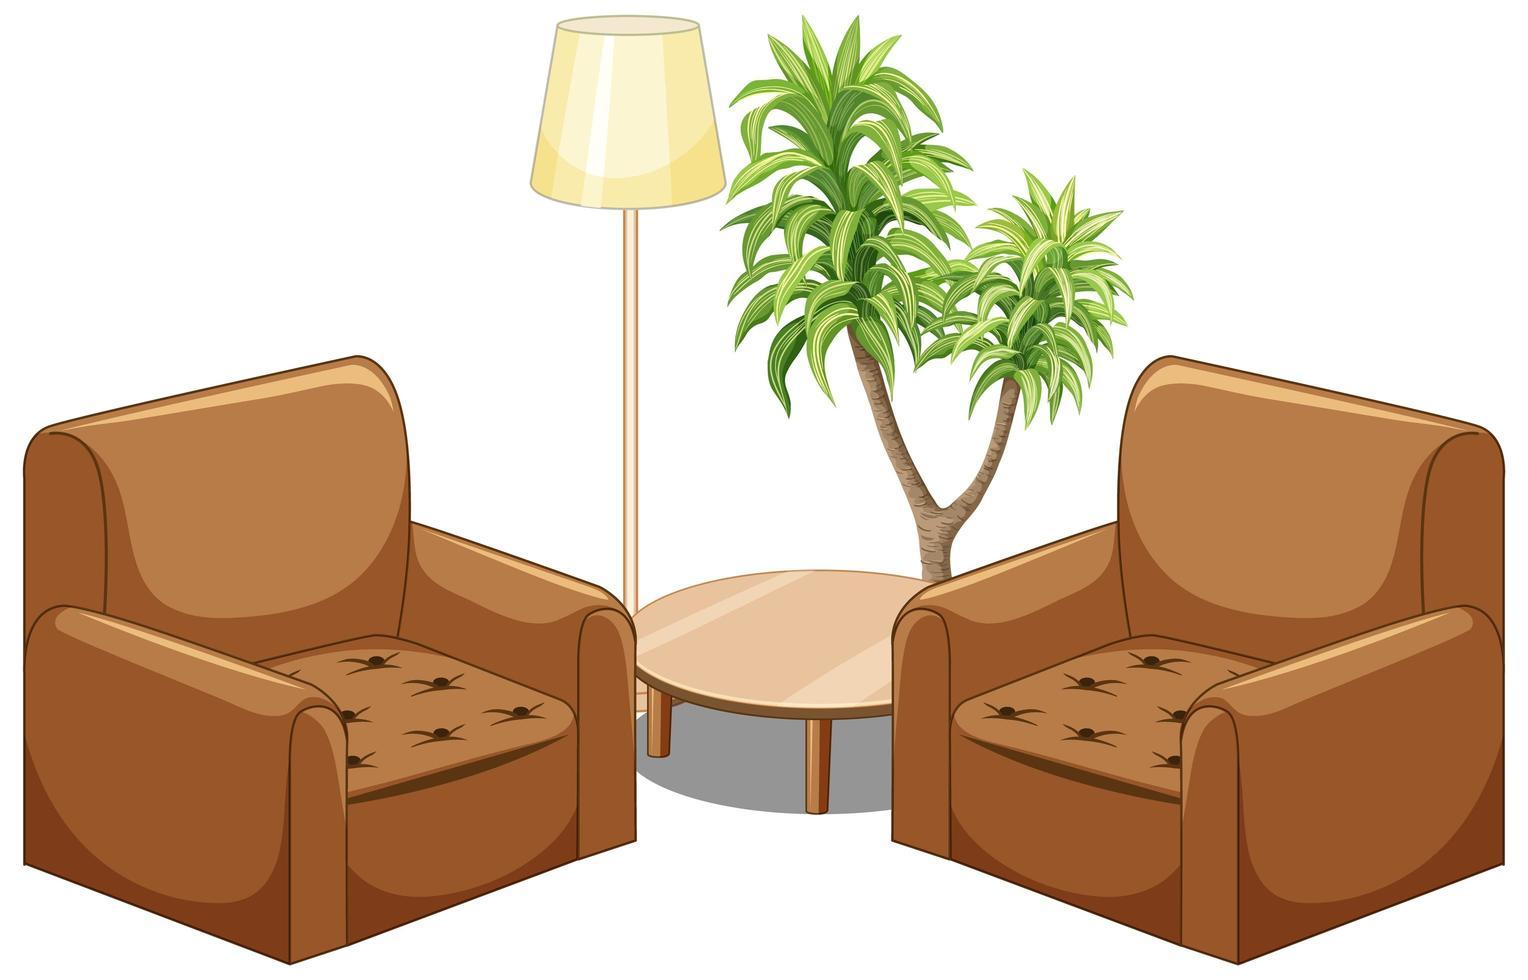 brun soffamöbler med lampa och träd isolerad på vit bakgrund vektor